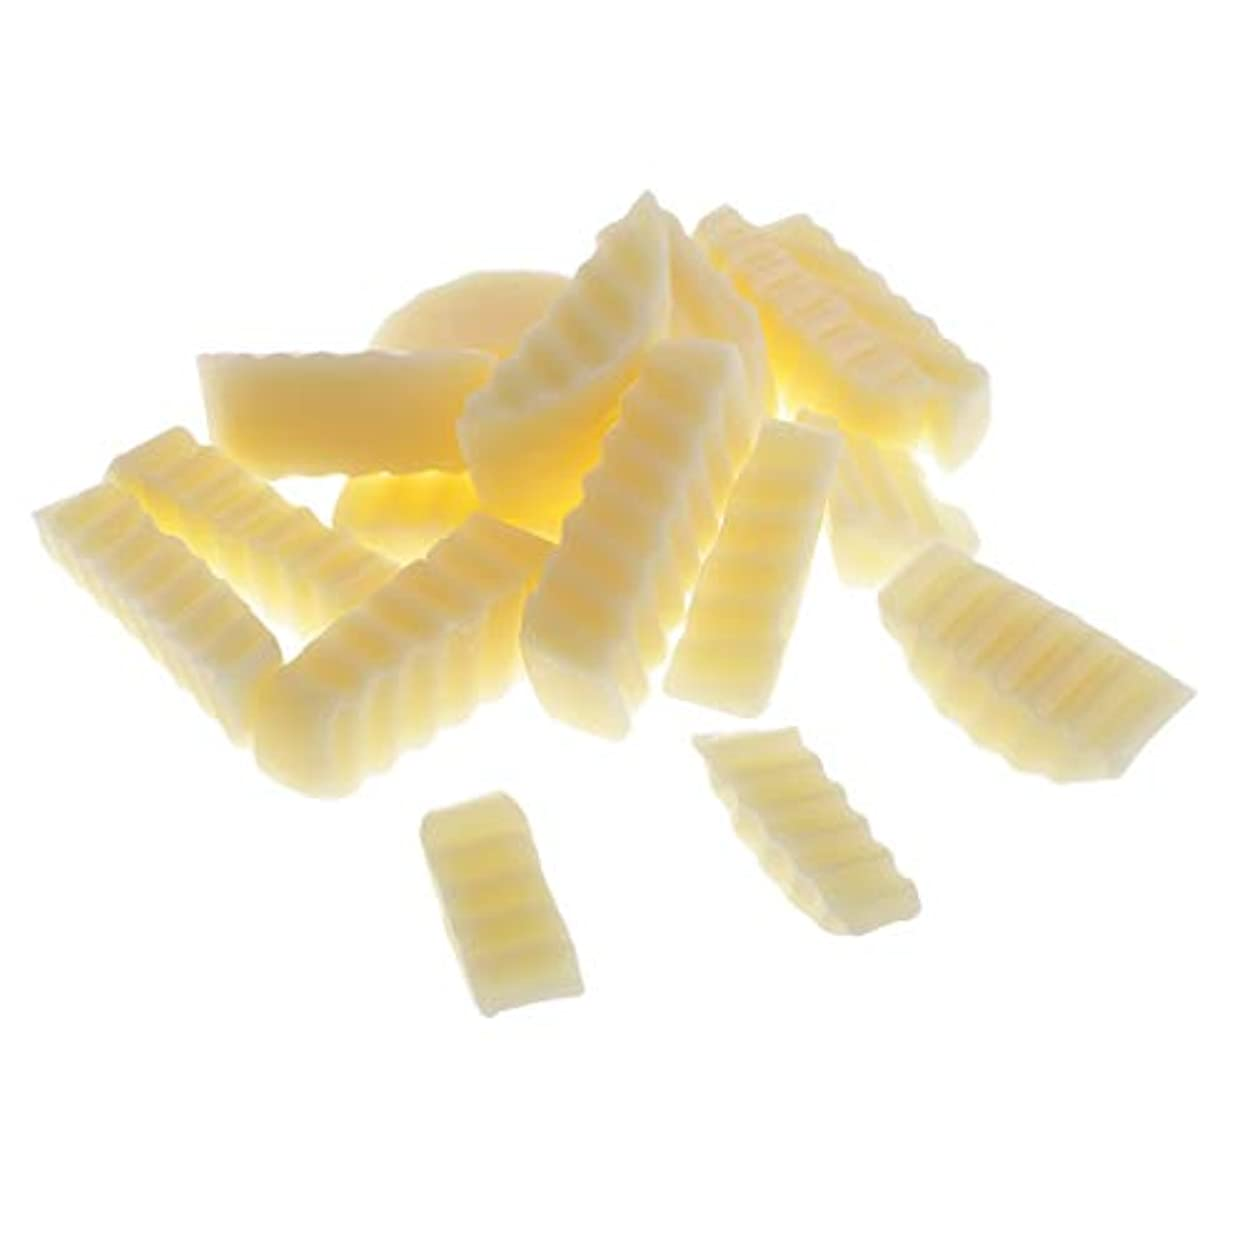 バット対抗非行D DOLITY ラノリン石鹸 自然な素材 DIY工芸品 手作り 石鹸 固形せっけん 約250g /パック